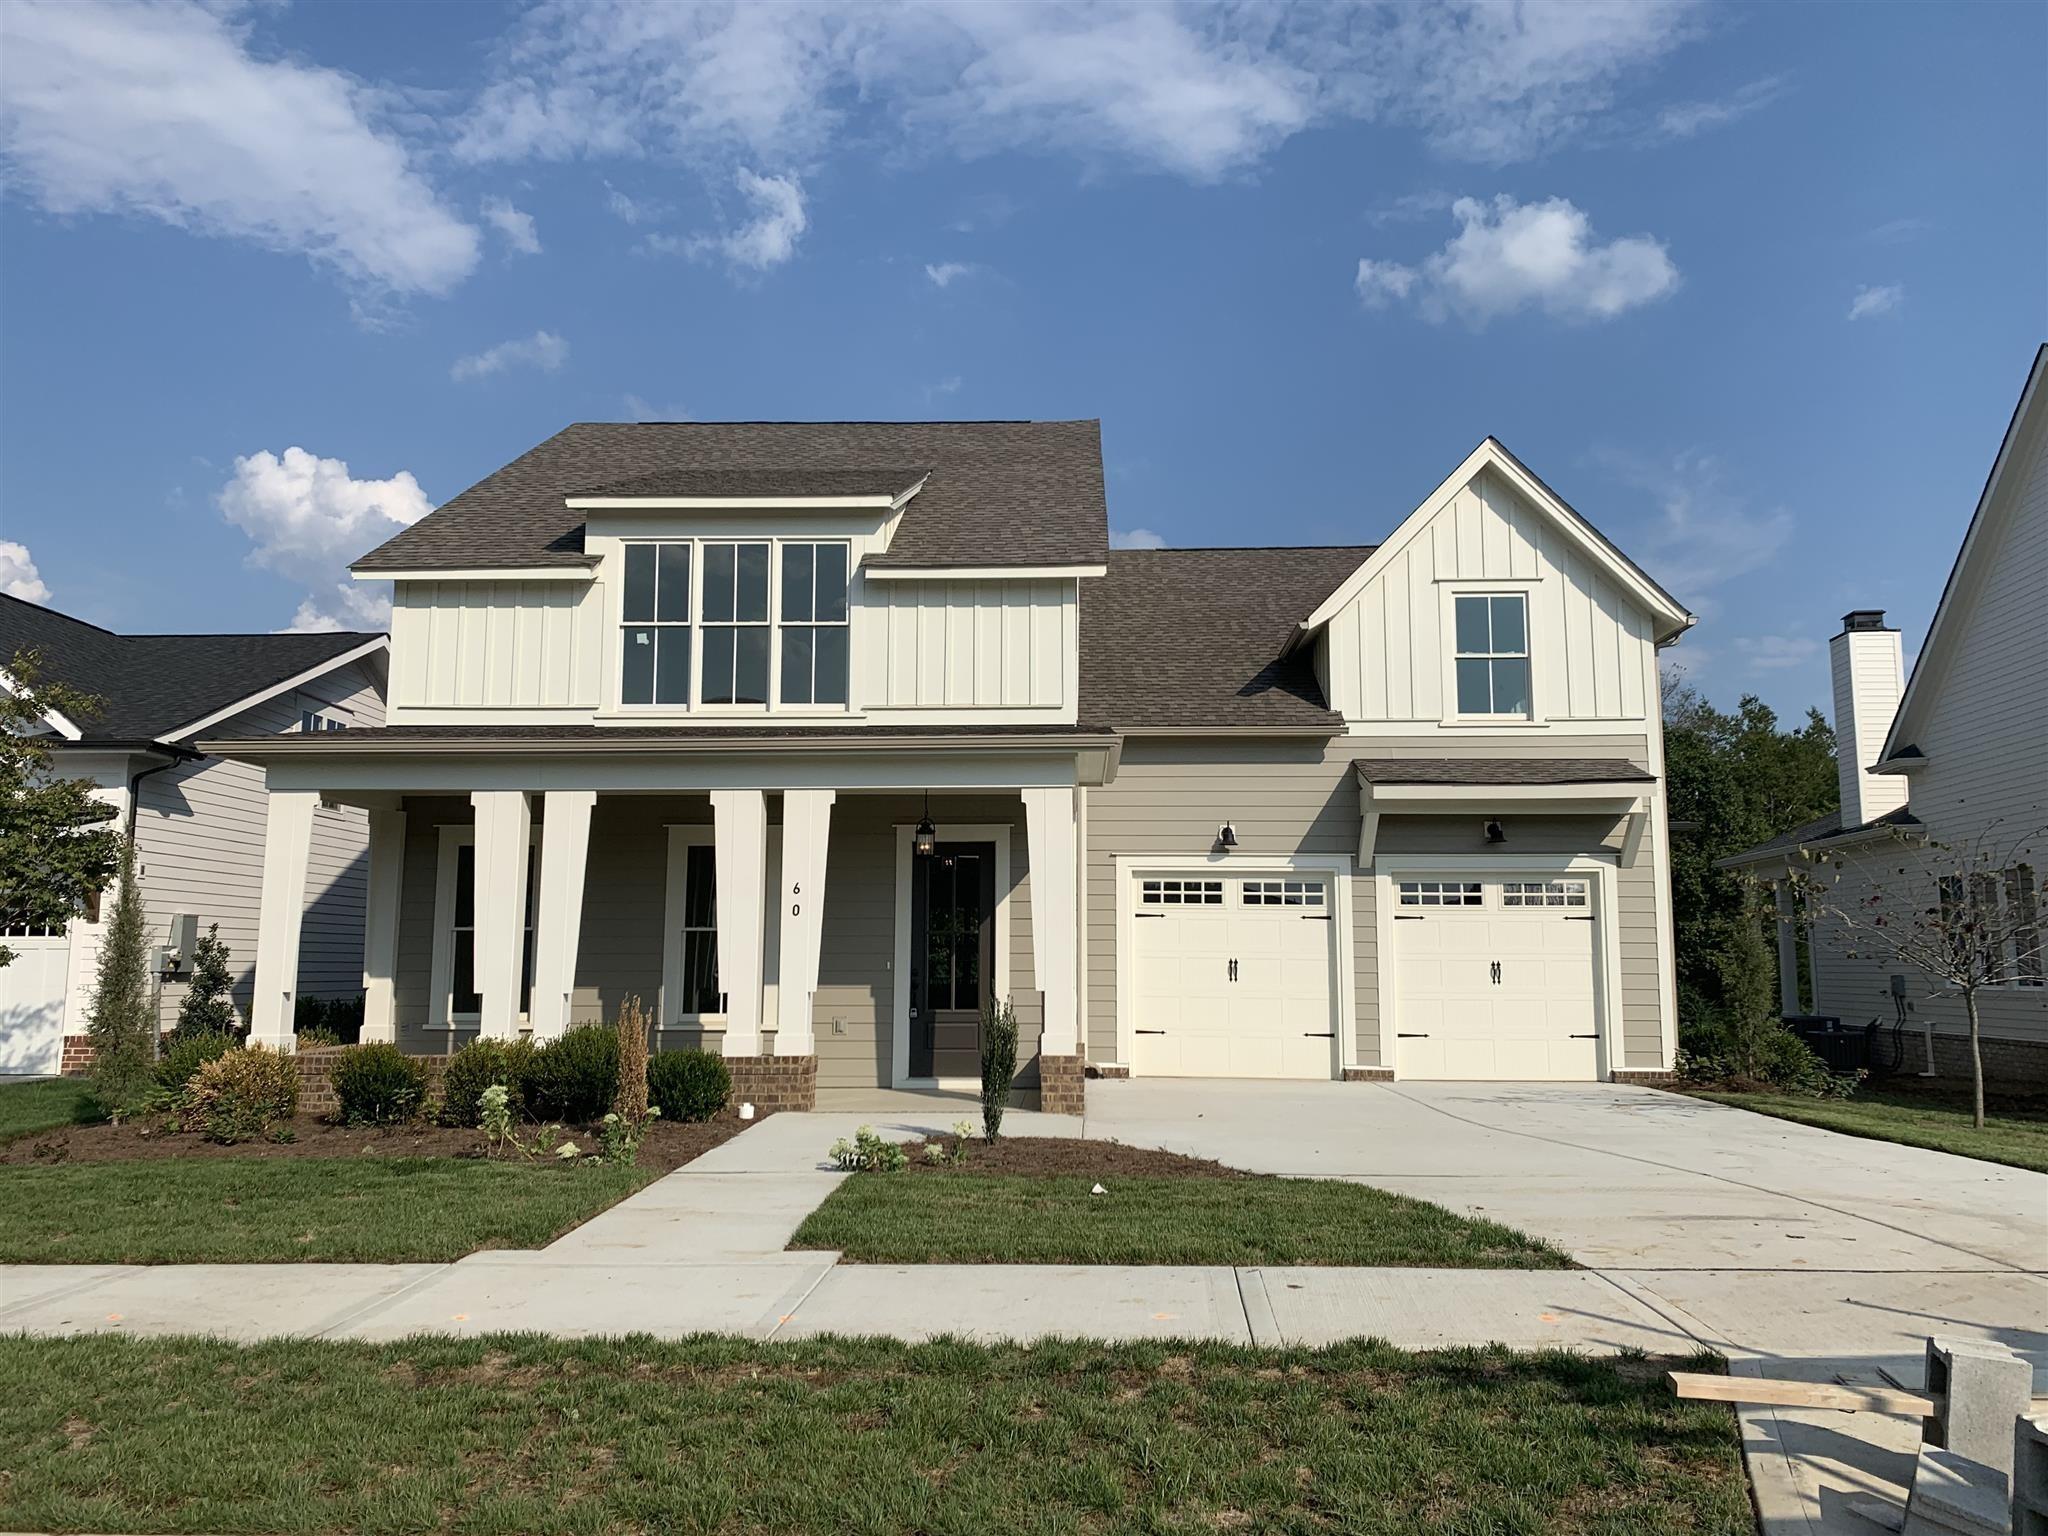 60 Glenrock DR, Nashville, TN 37221 - Nashville, TN real estate listing